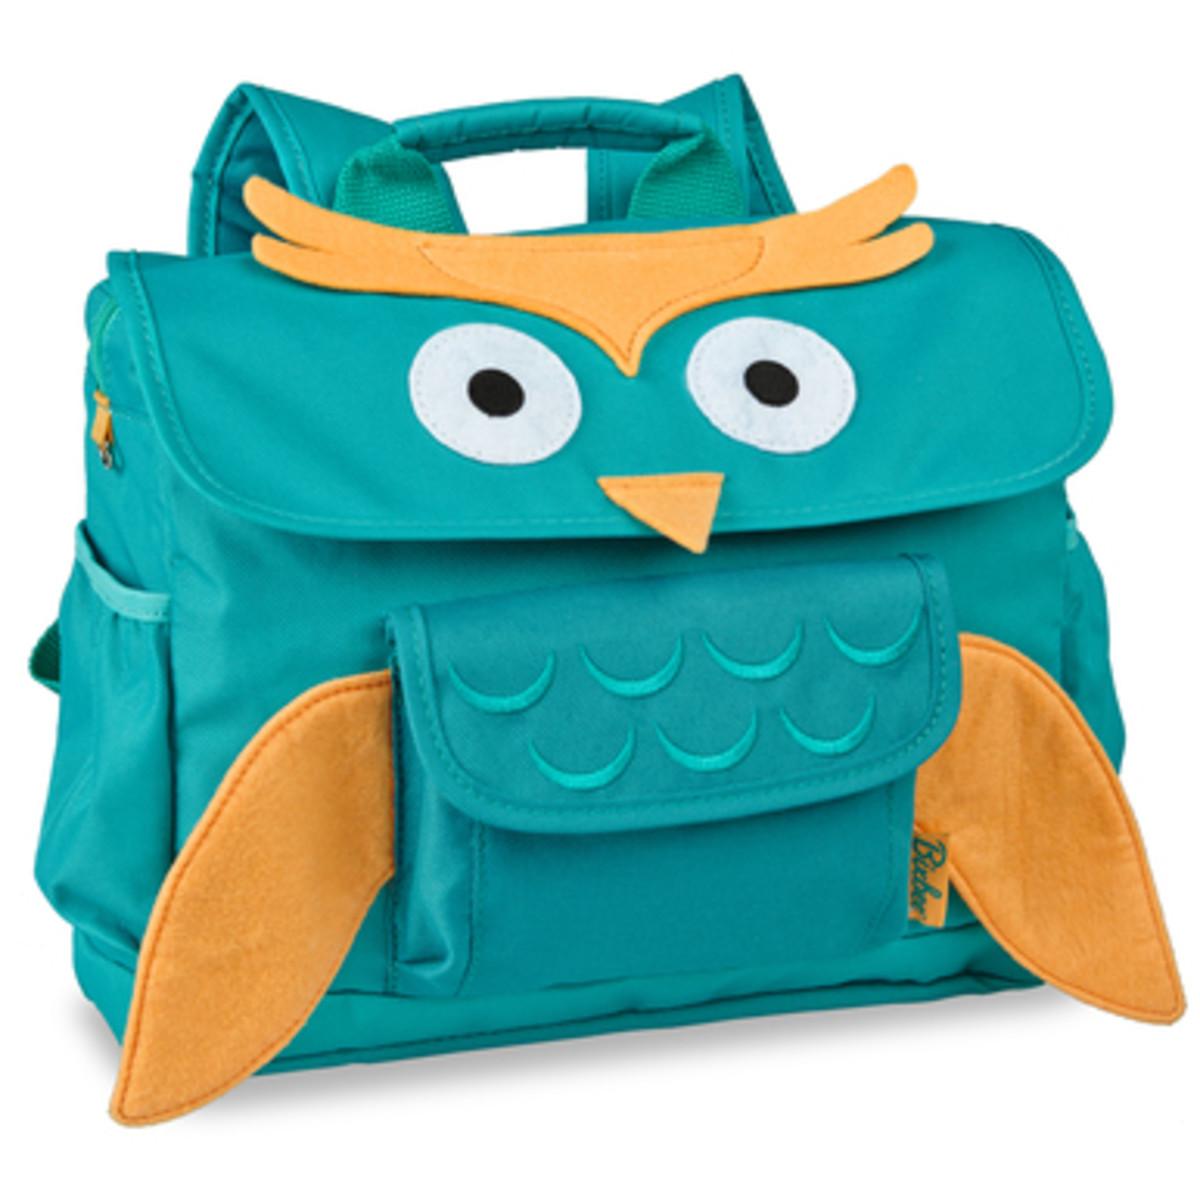 Bixbee Accessories for Kids - MomTrendsMomTrends